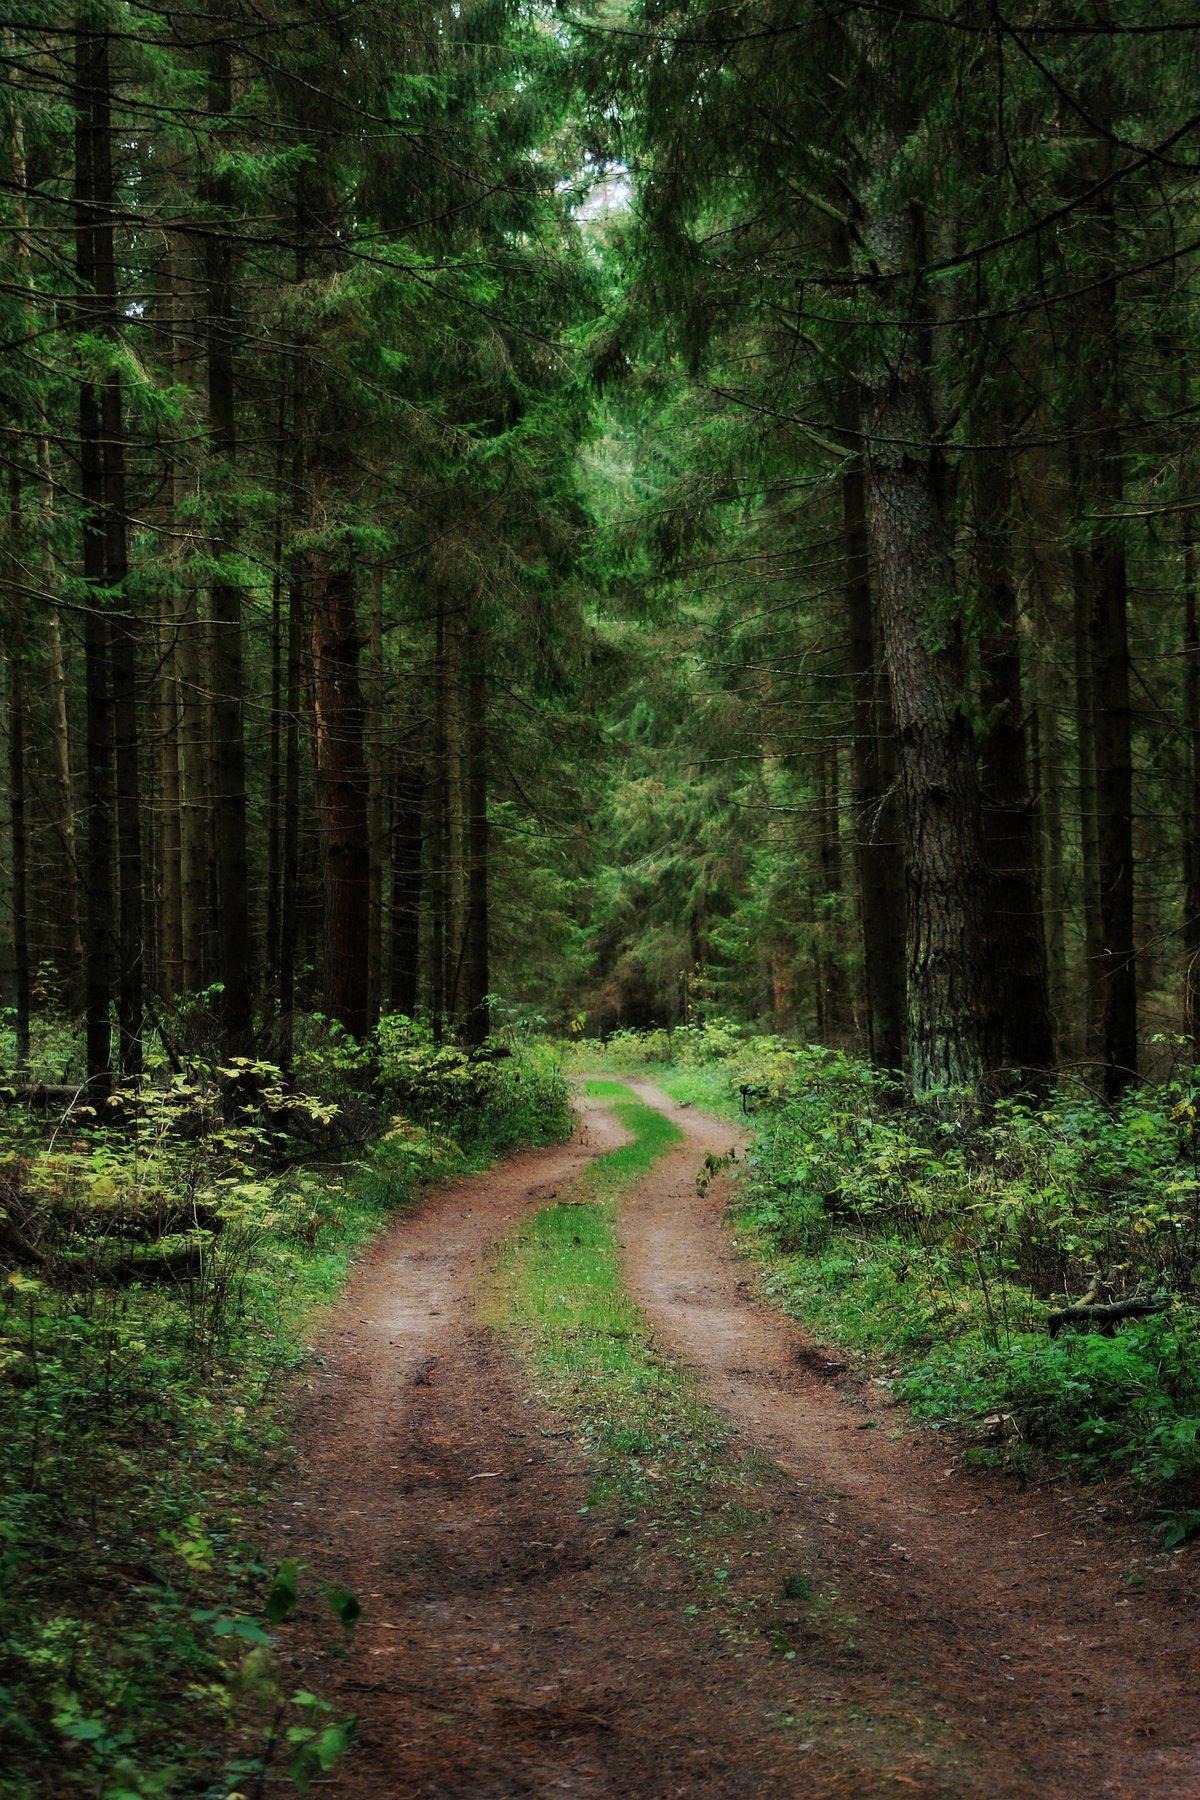 таблички дом фото леса для смартфона недостаток